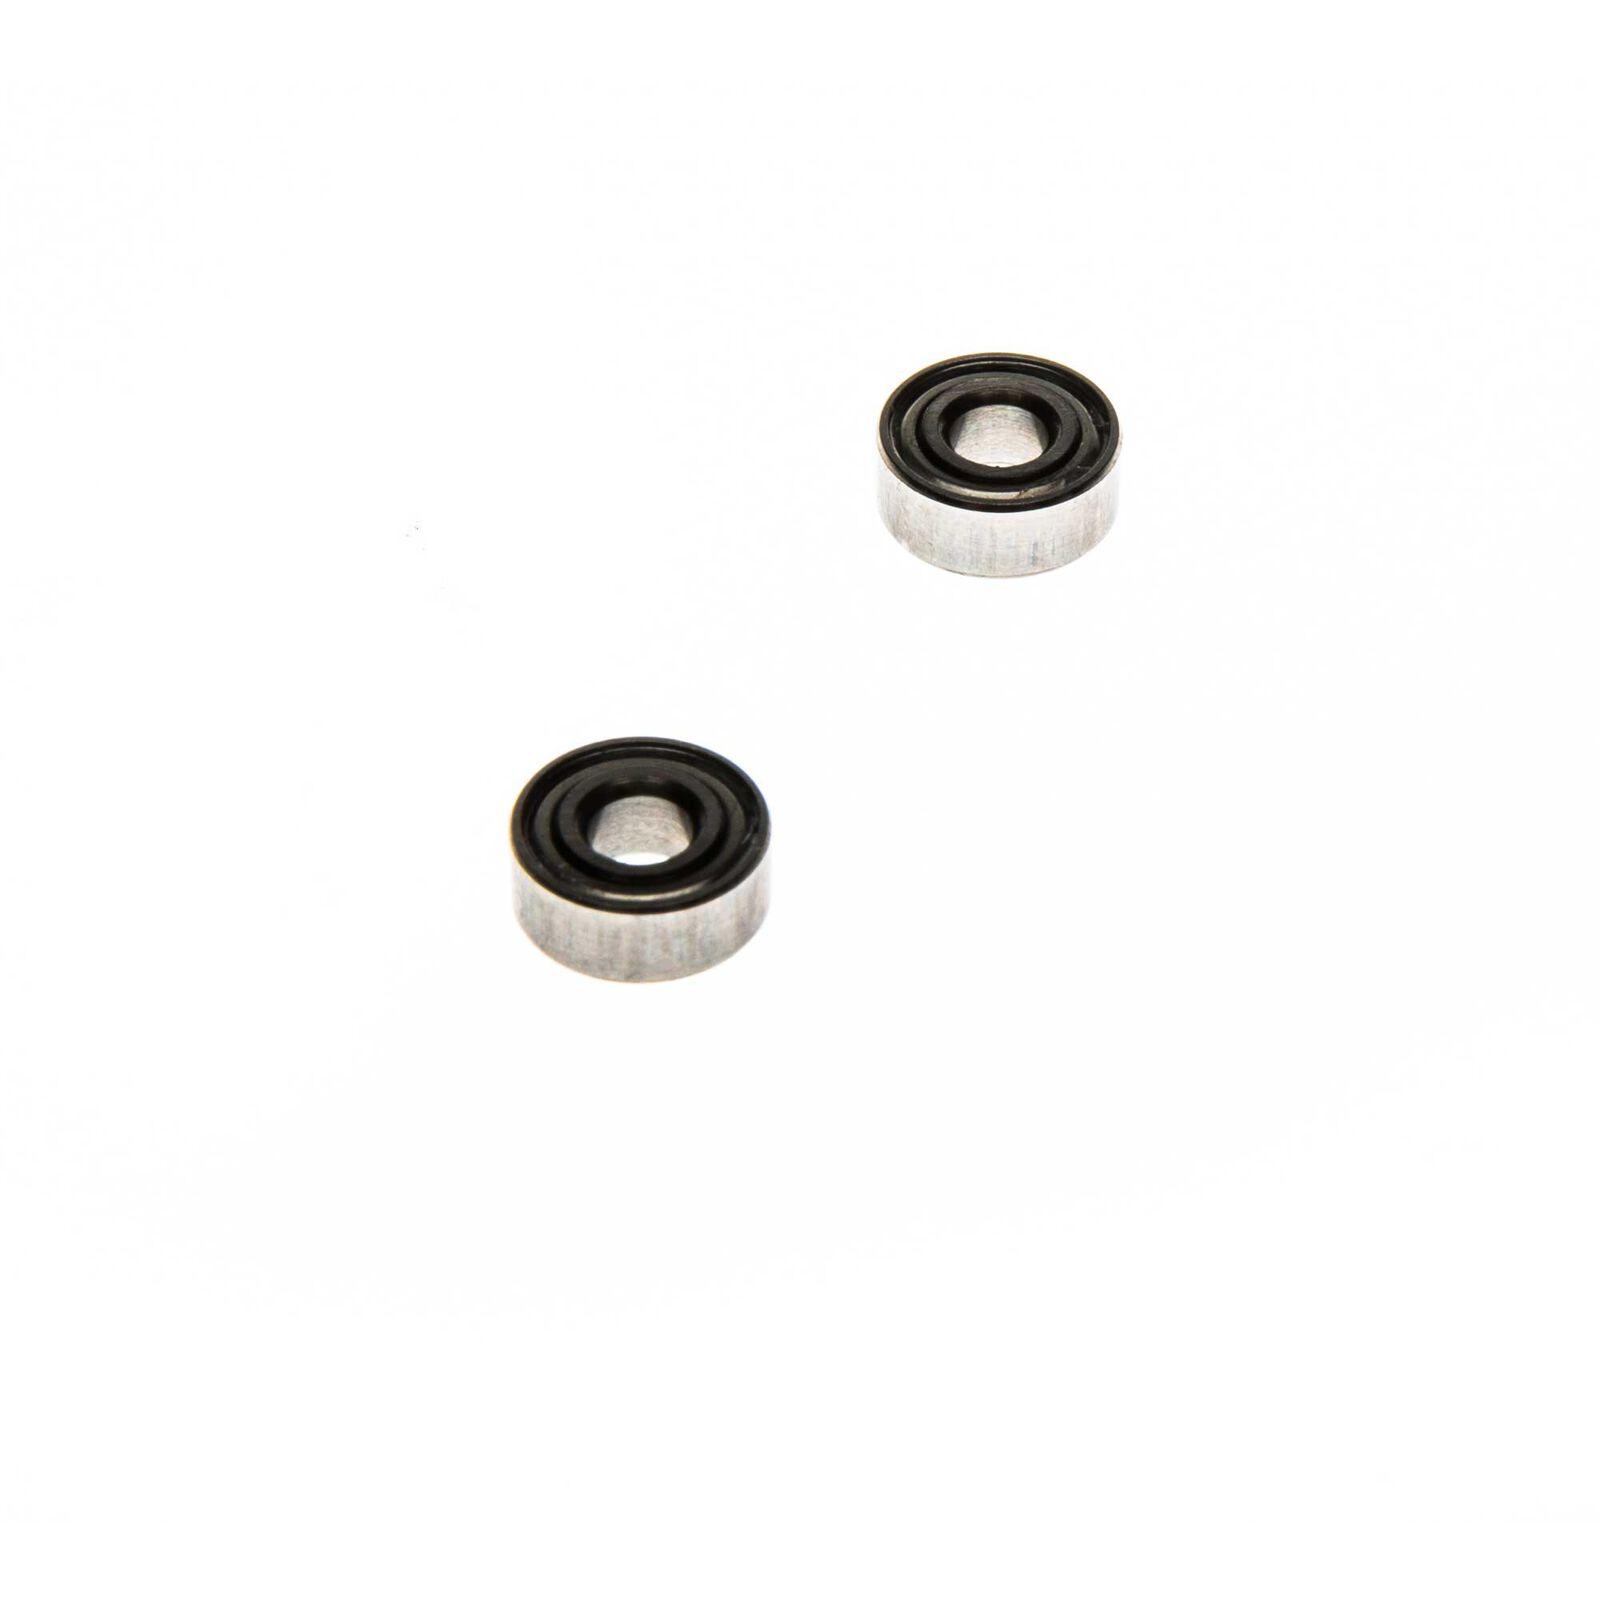 4x10x4 Bearing (2)